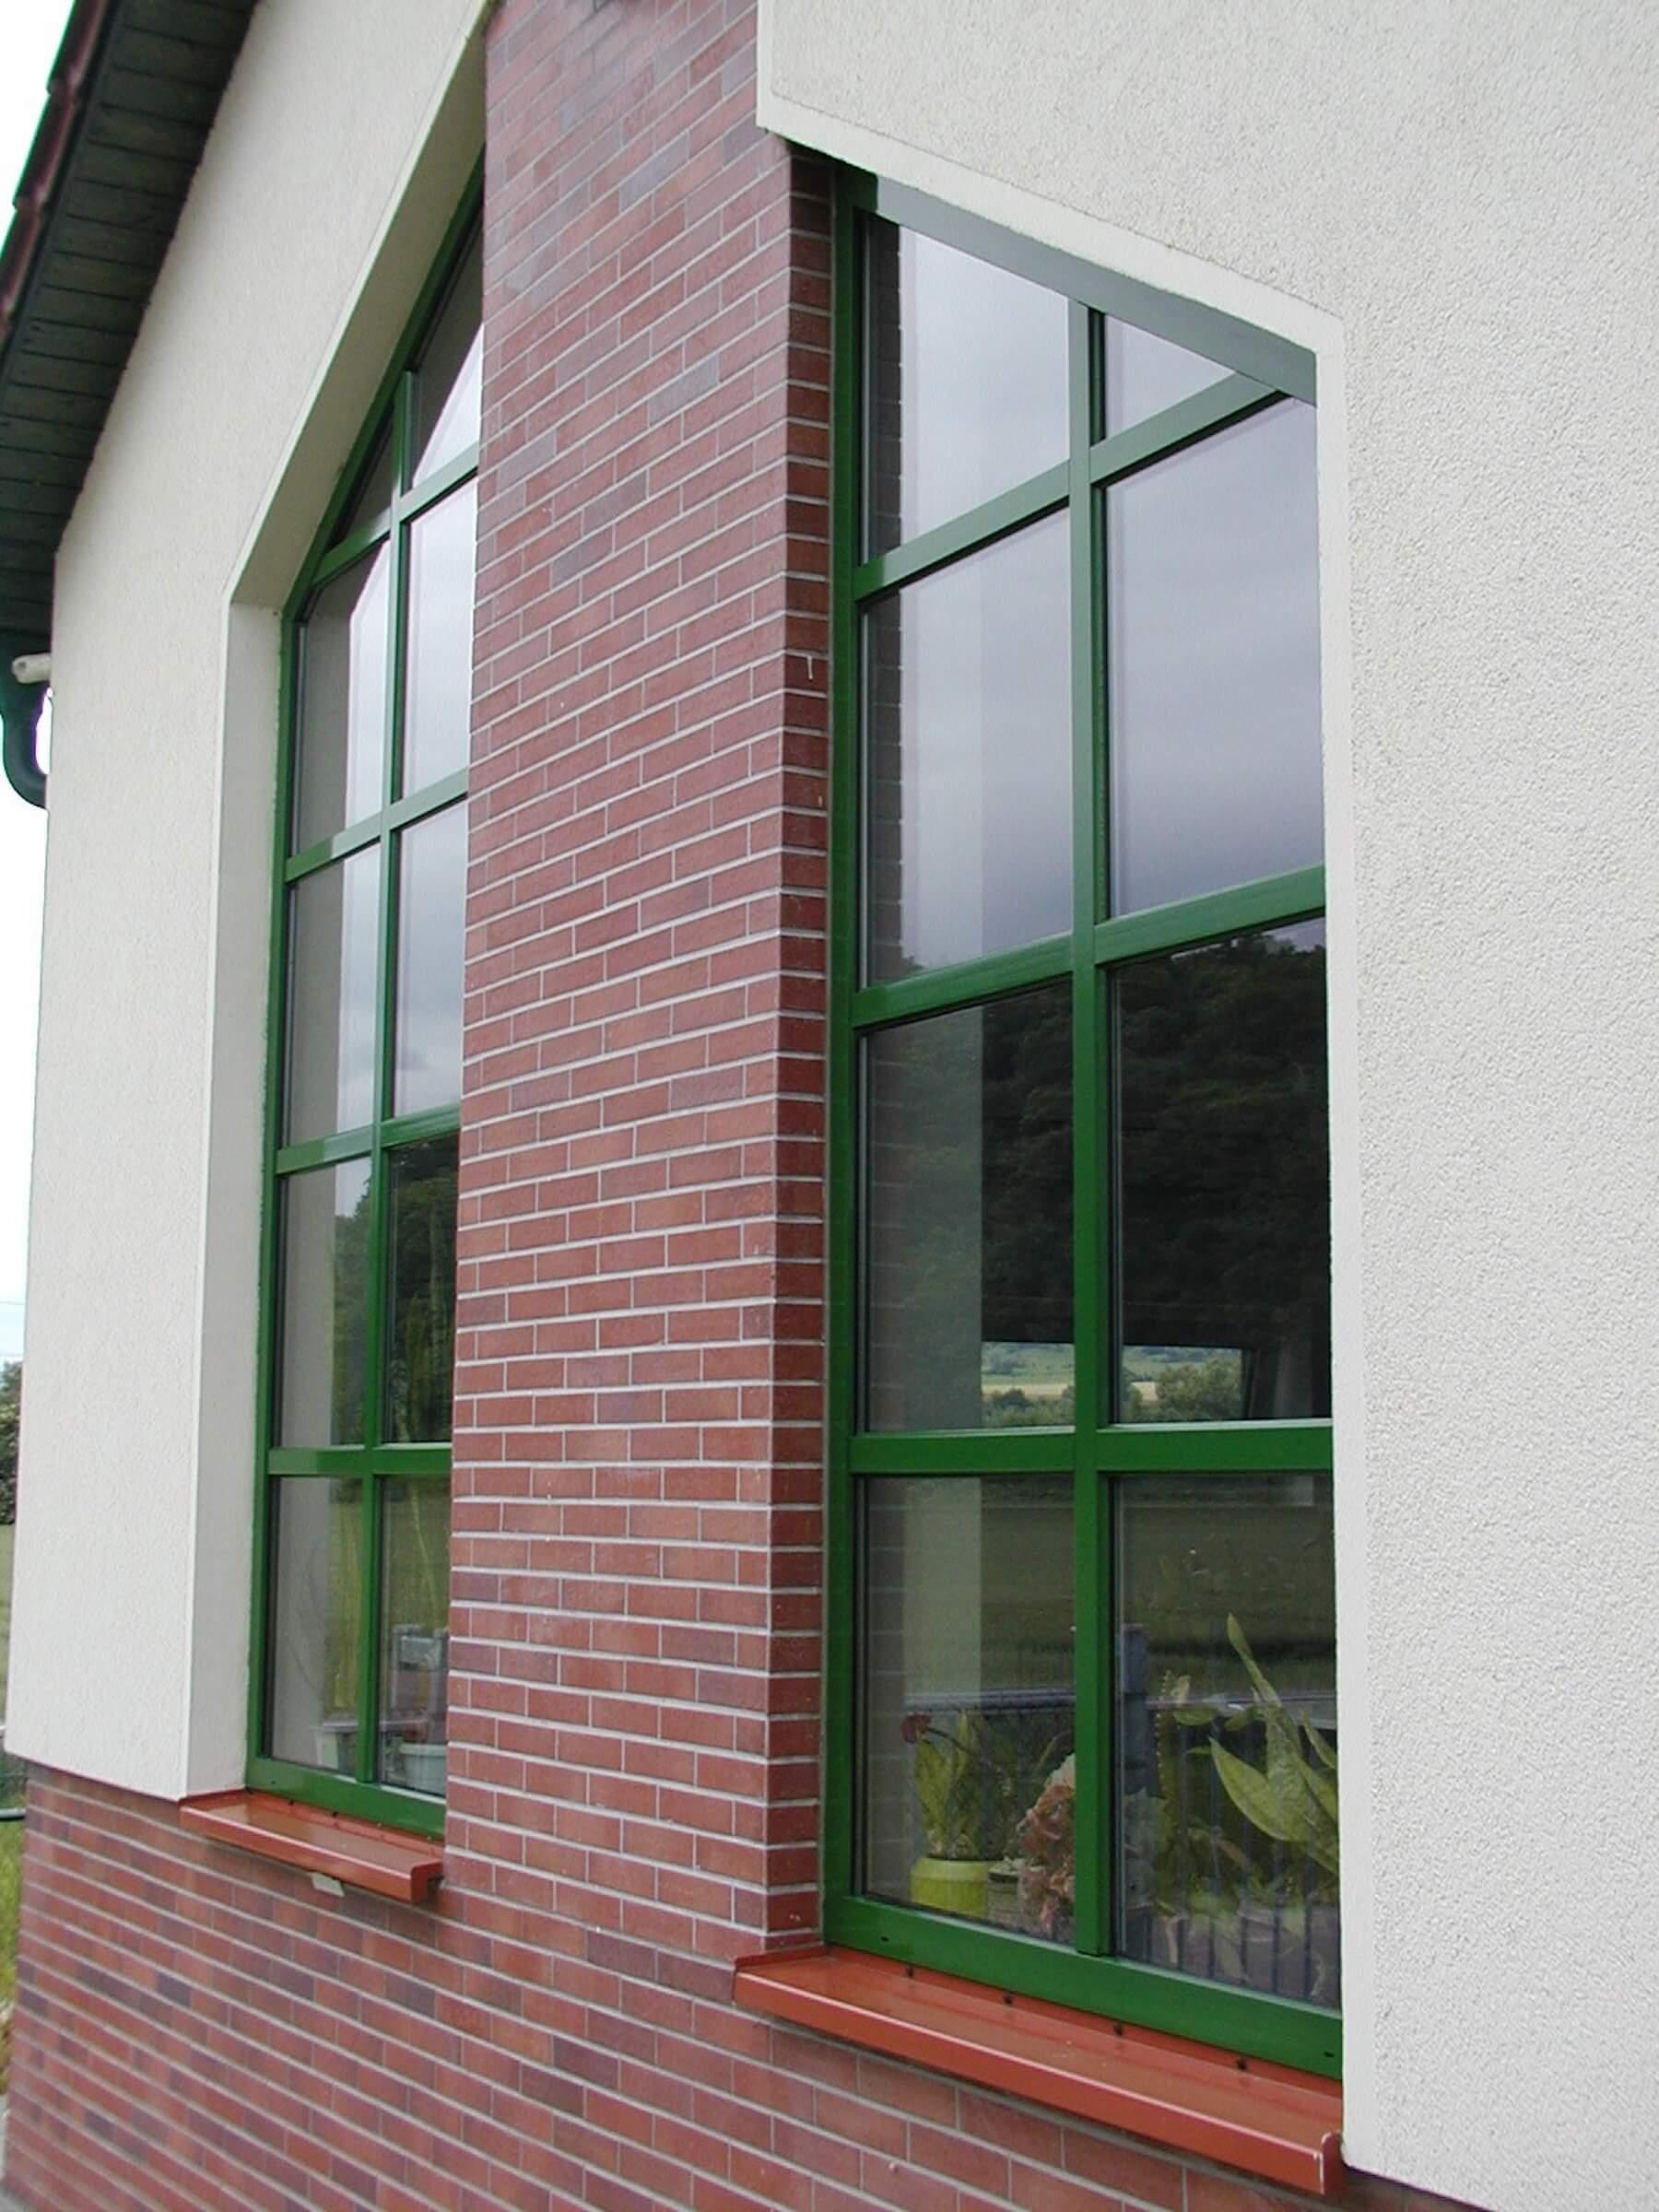 Tall deep green windows